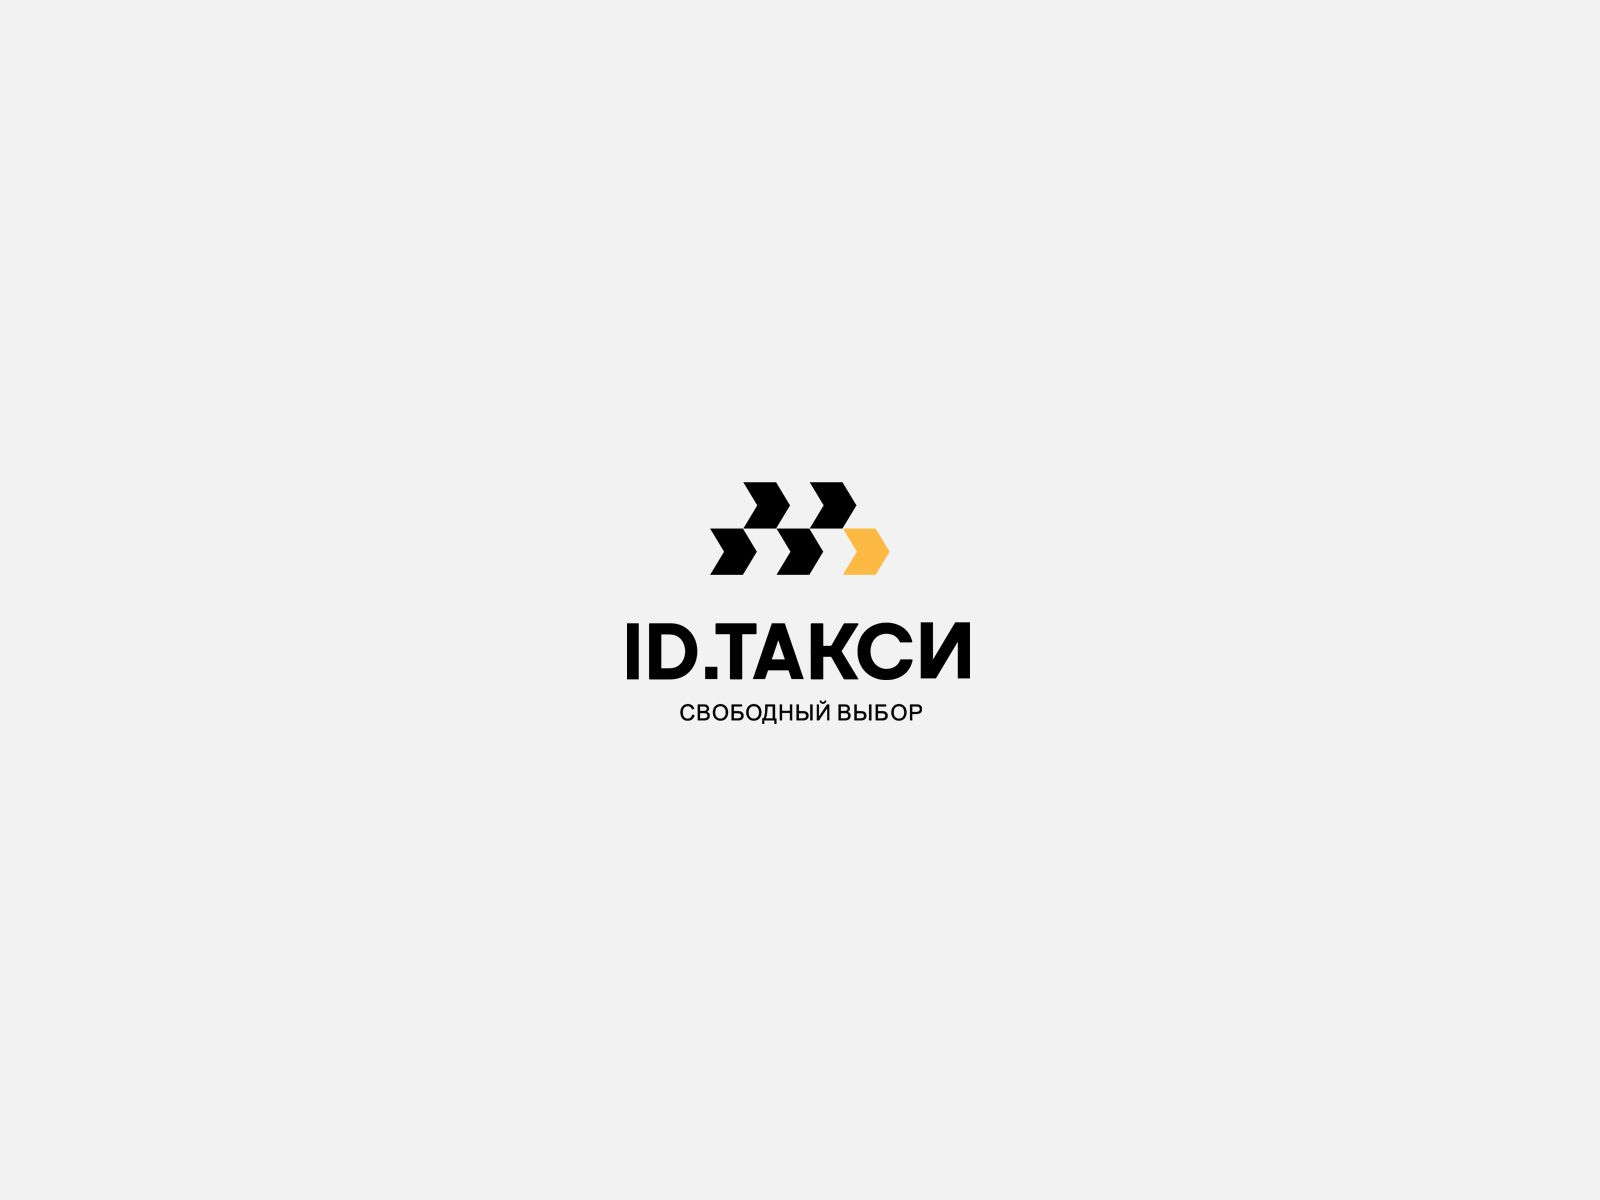 Лого и фирменный стиль для iD Такси - дизайнер webgrafika